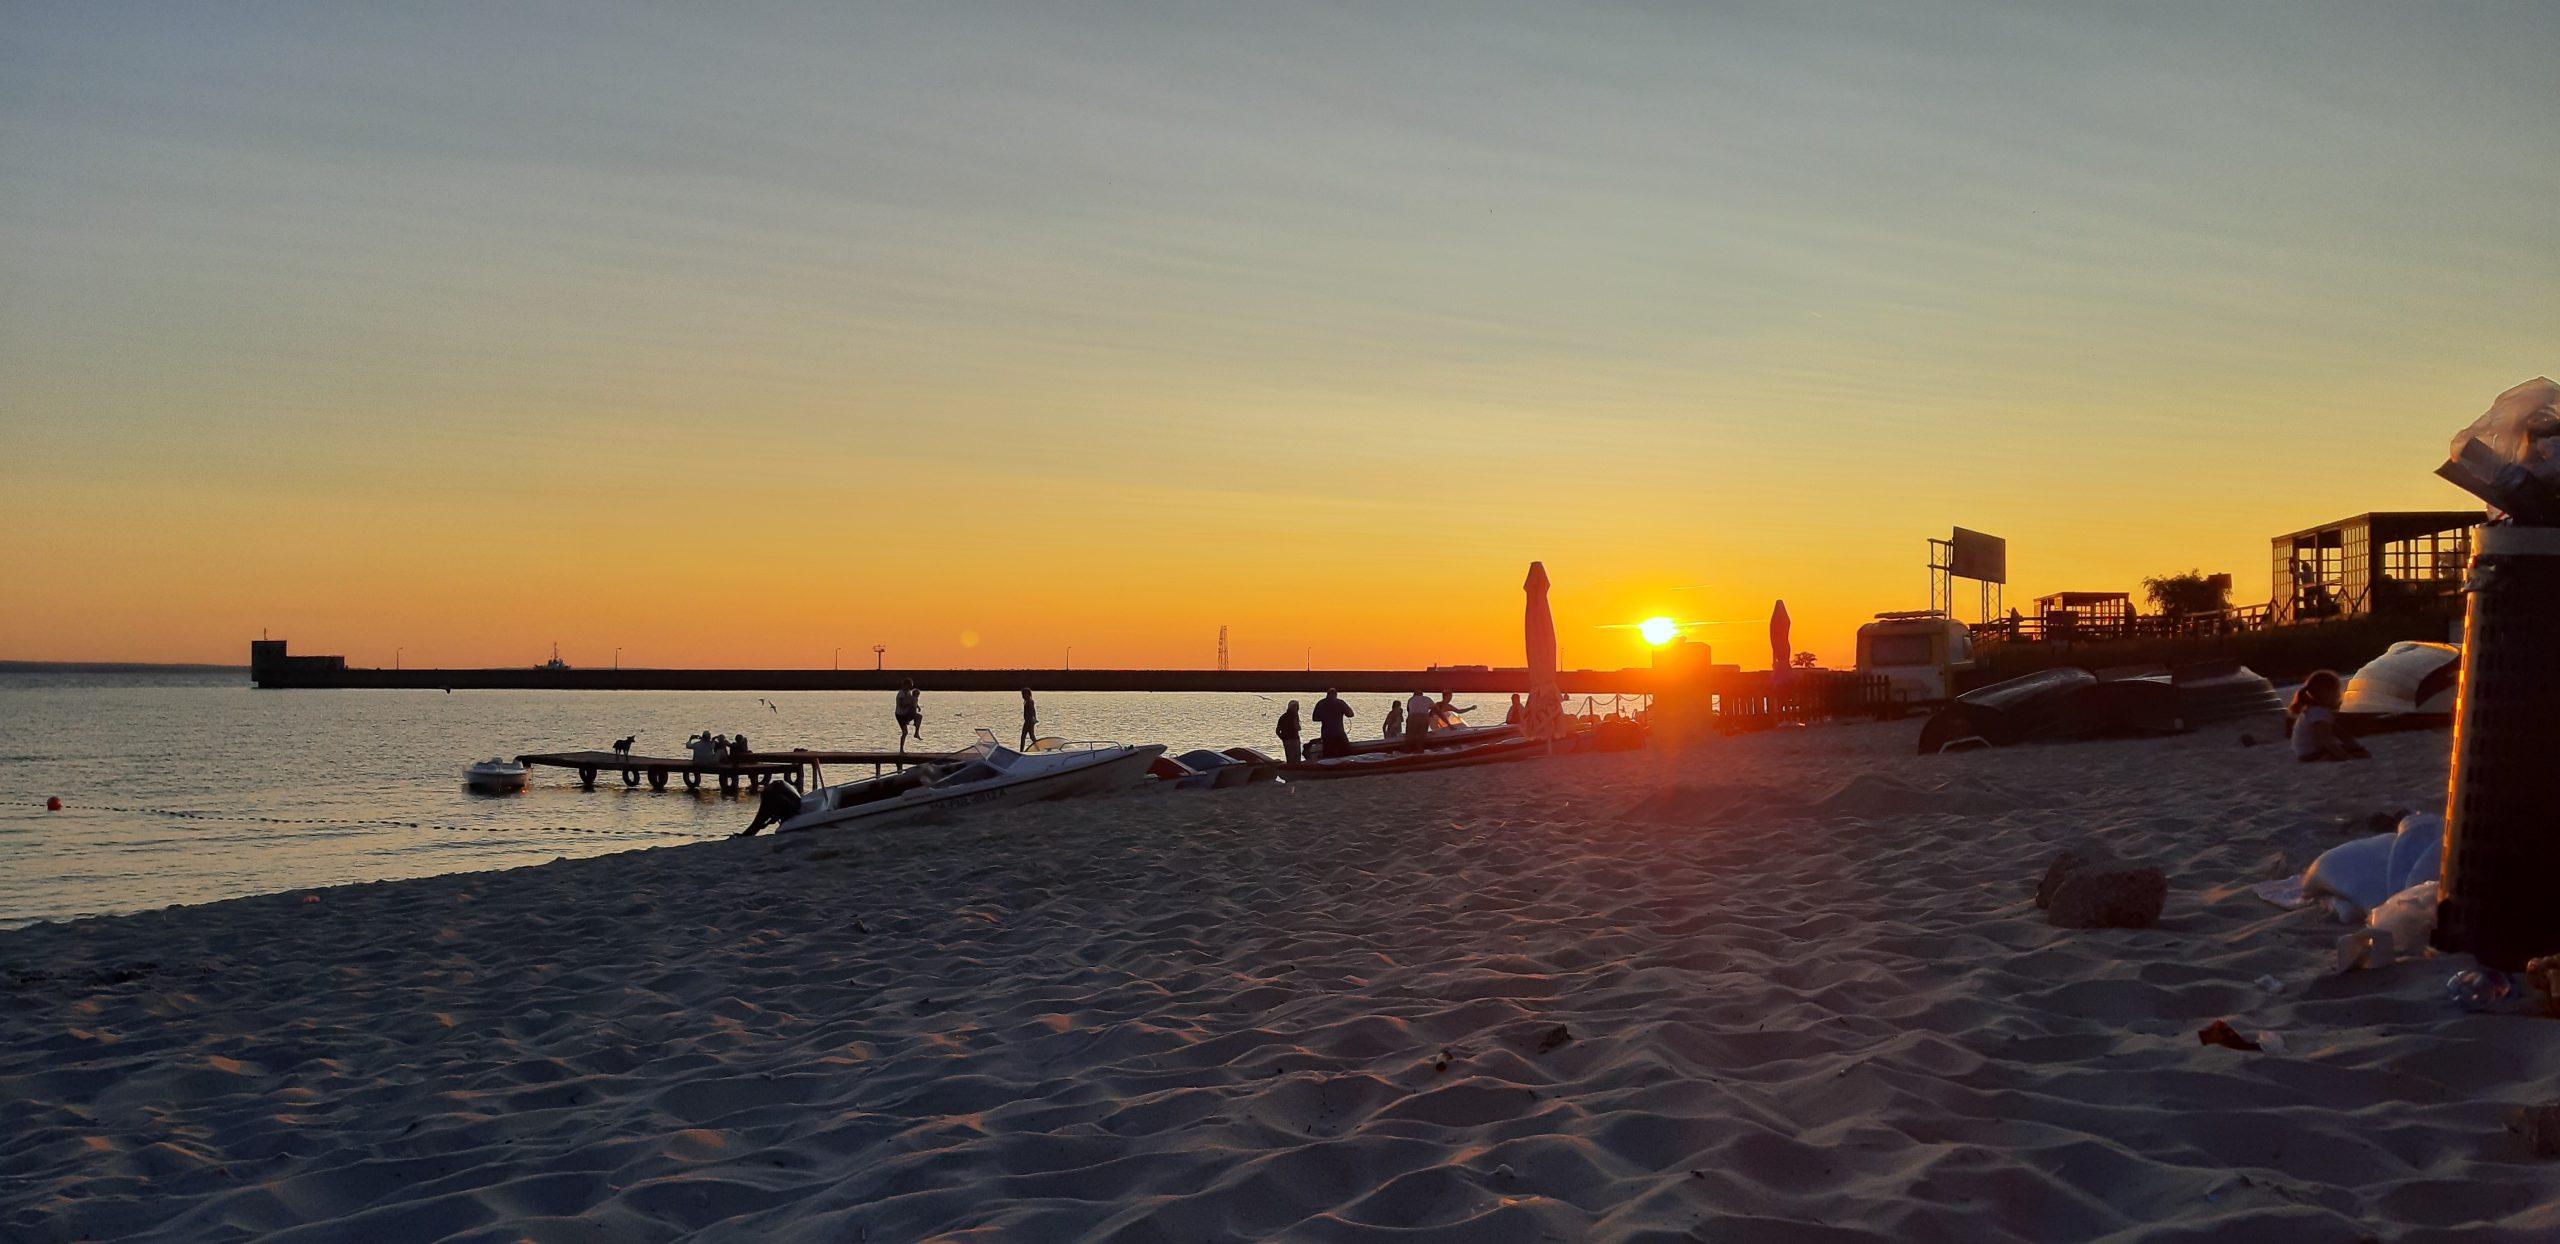 Atrakcje w Helu - Piaszczyste plaże